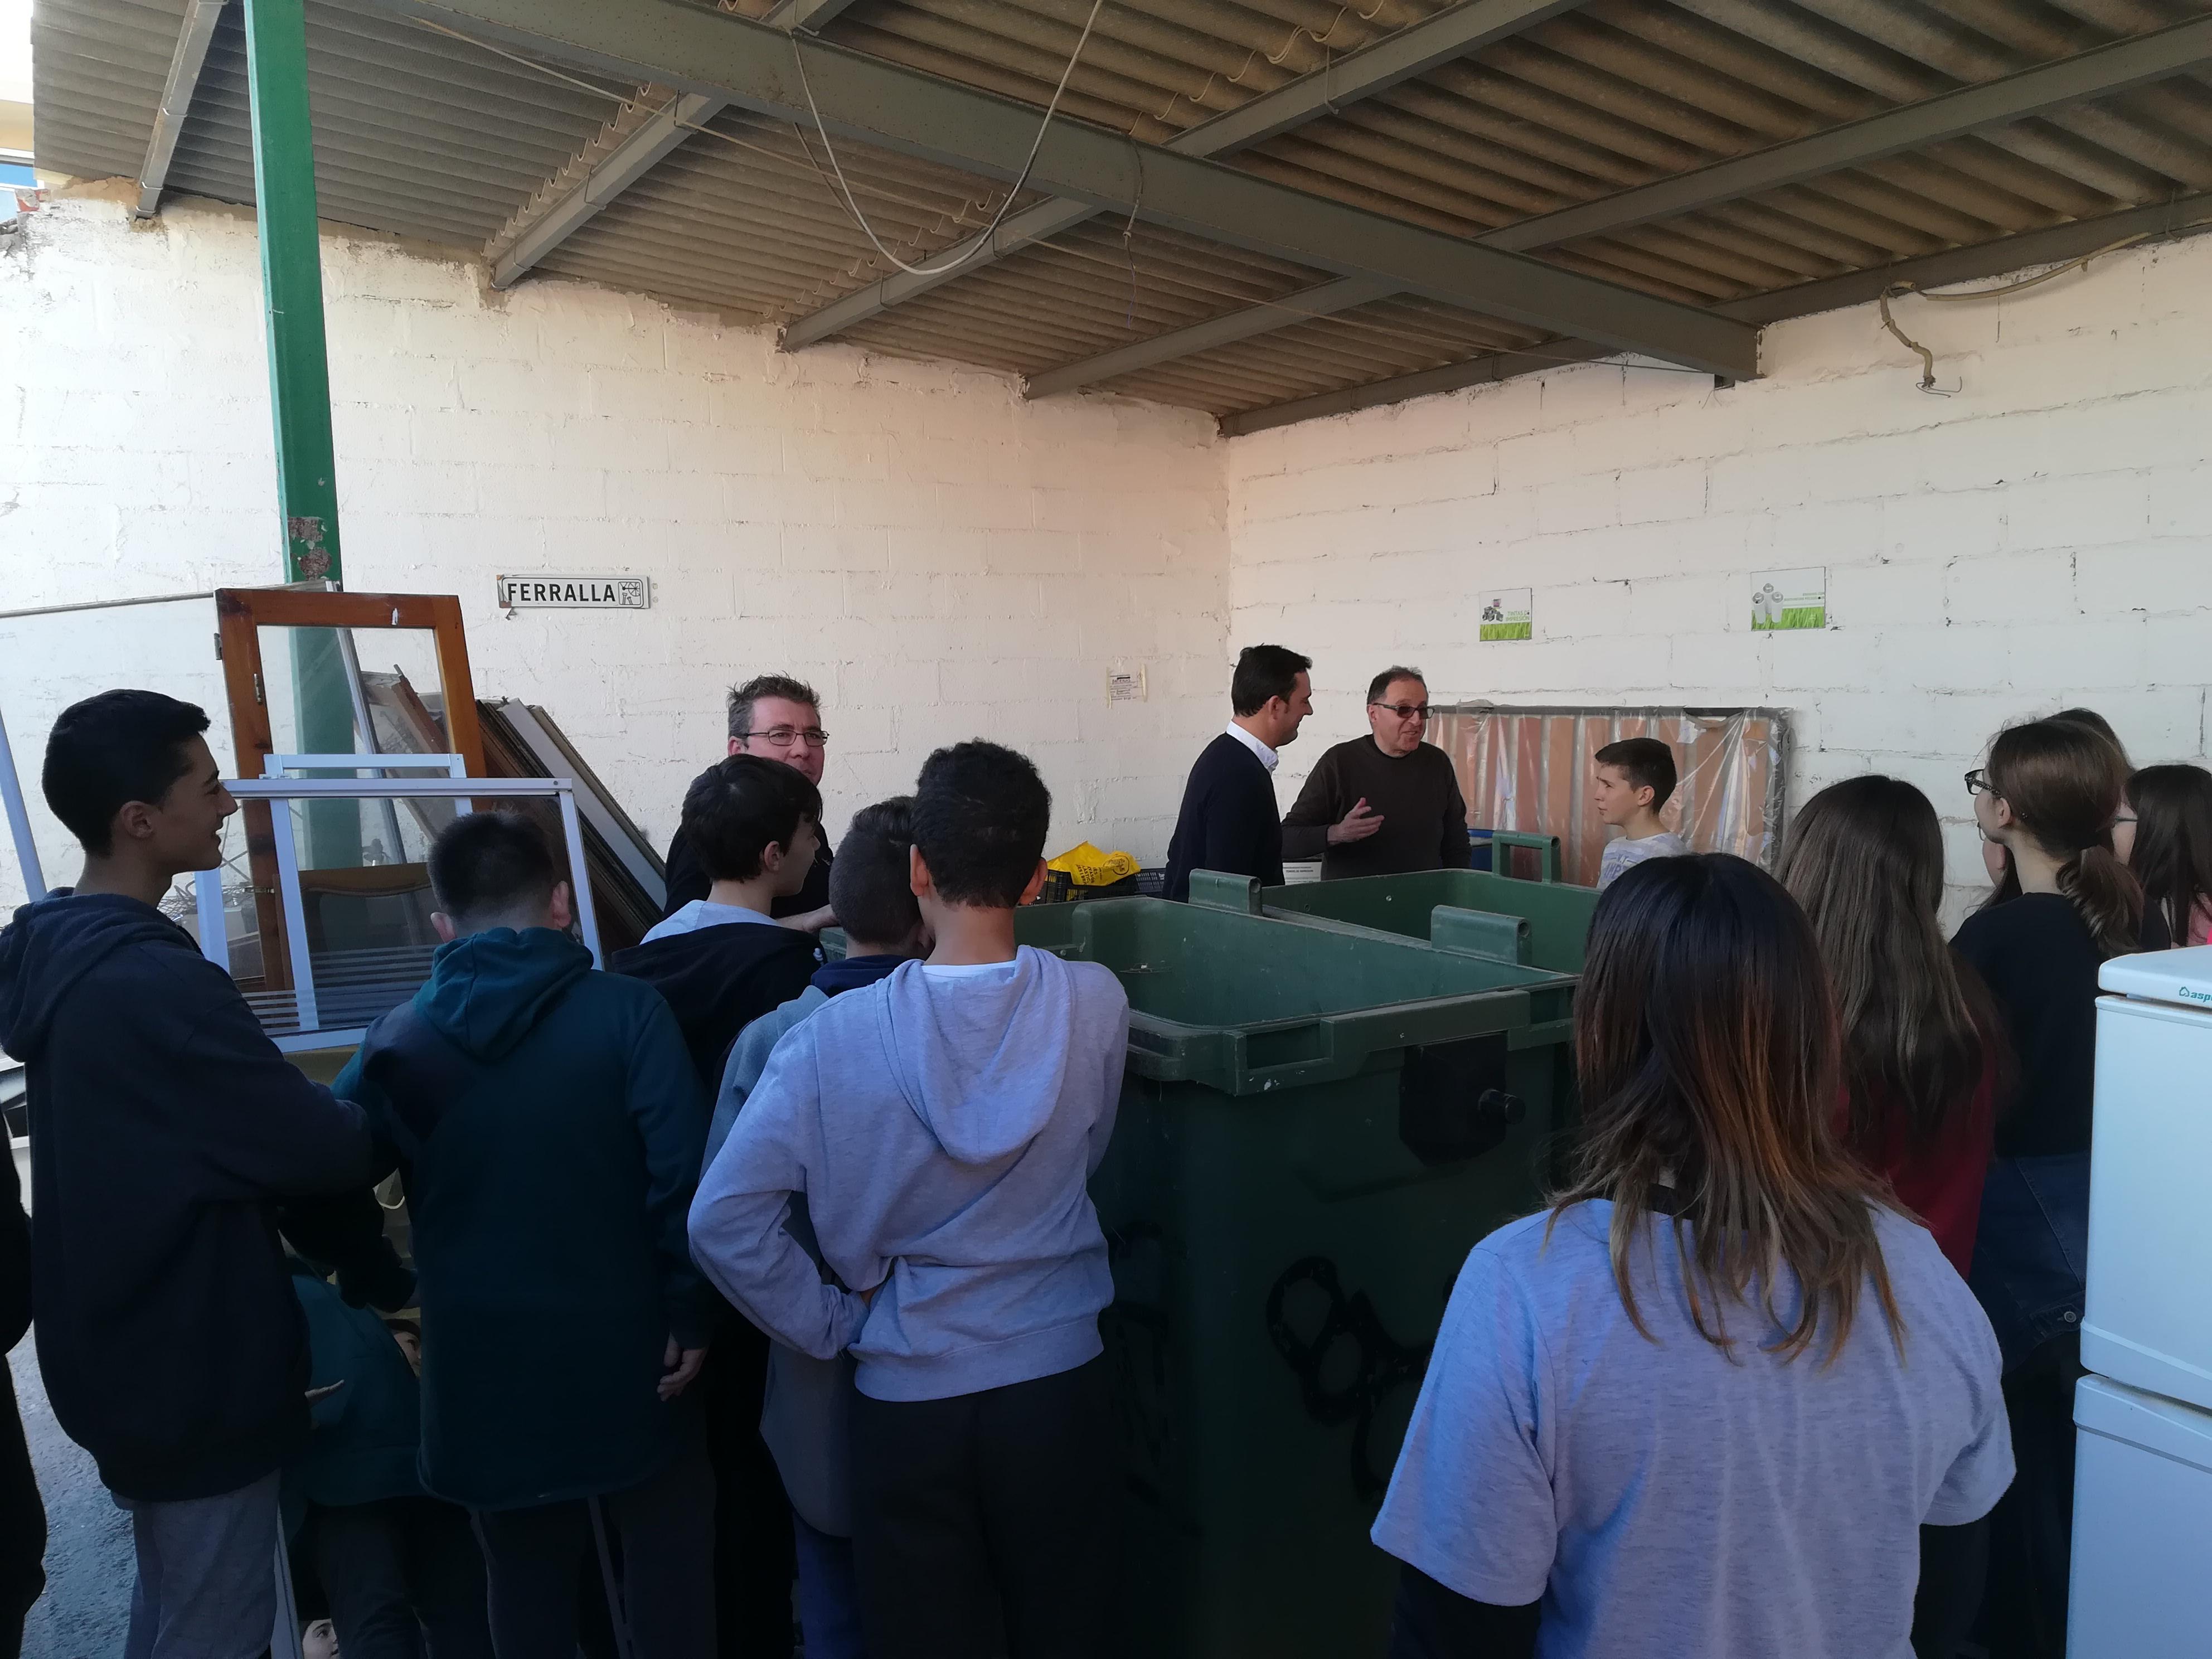 Peníscola, els alumnes de primer de secundària visiten l'Ecoparc